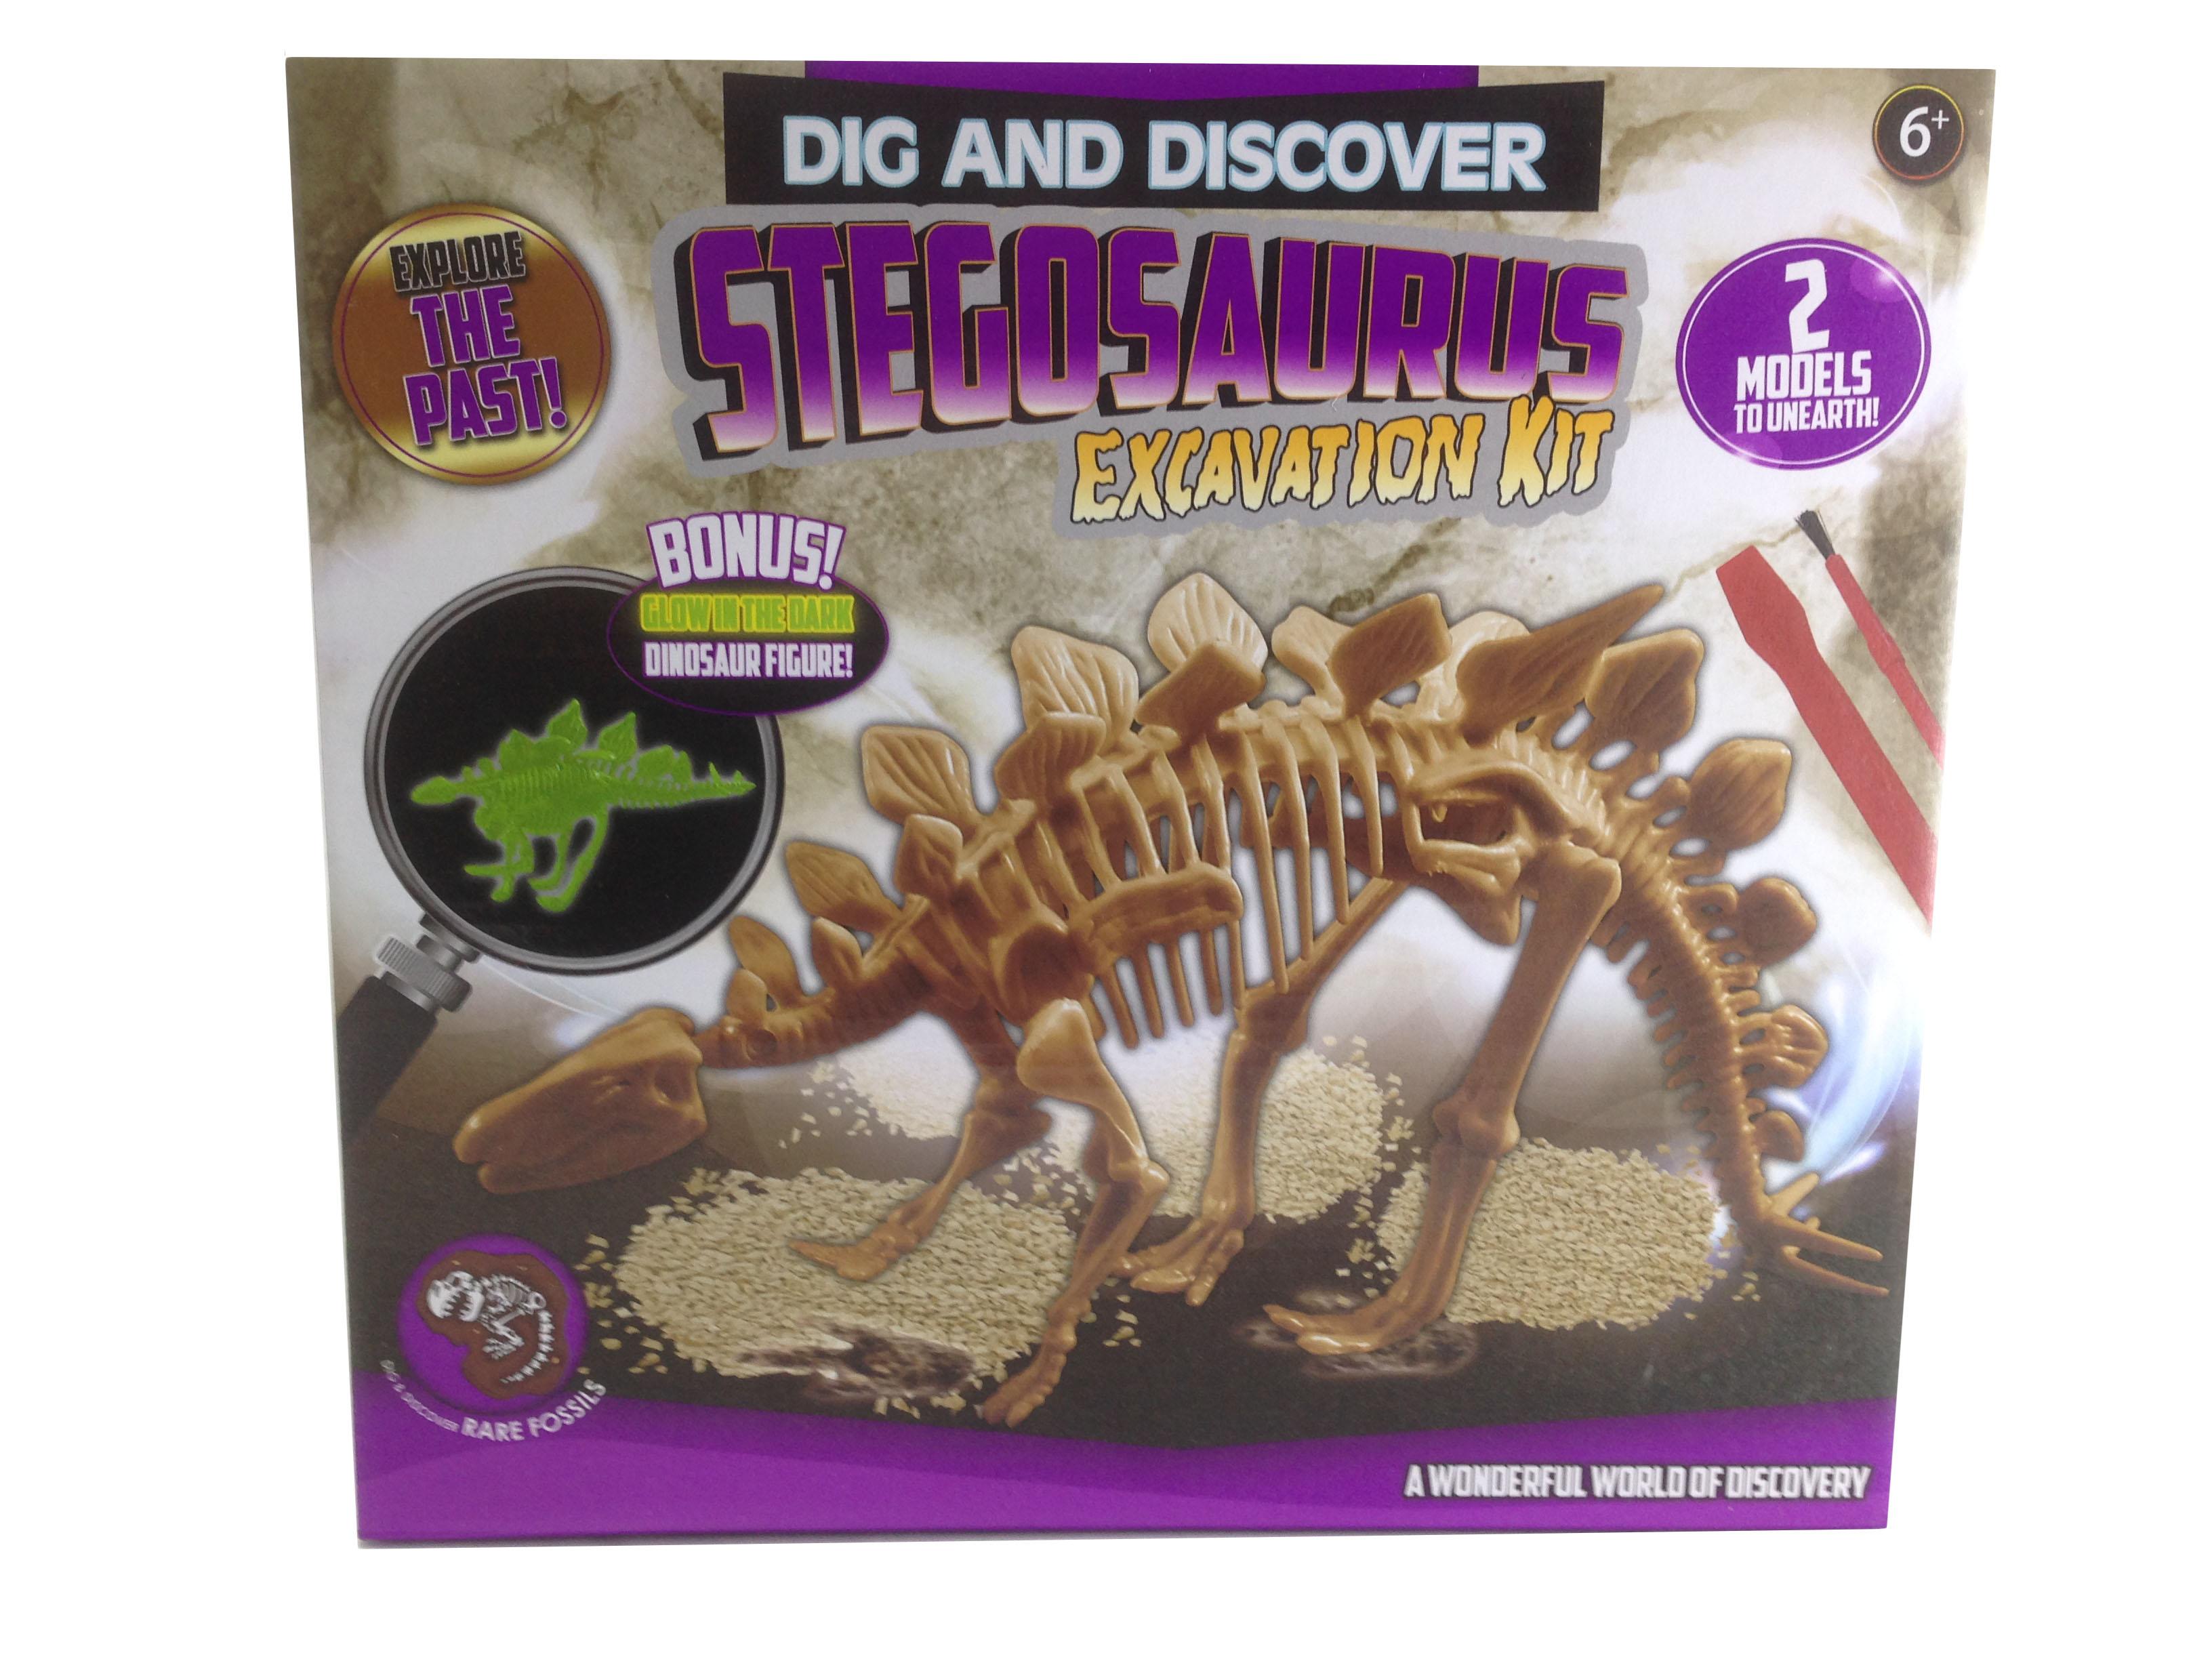 ชุดขุดฟอสซิลไดโนเสาร์ Dig and discover